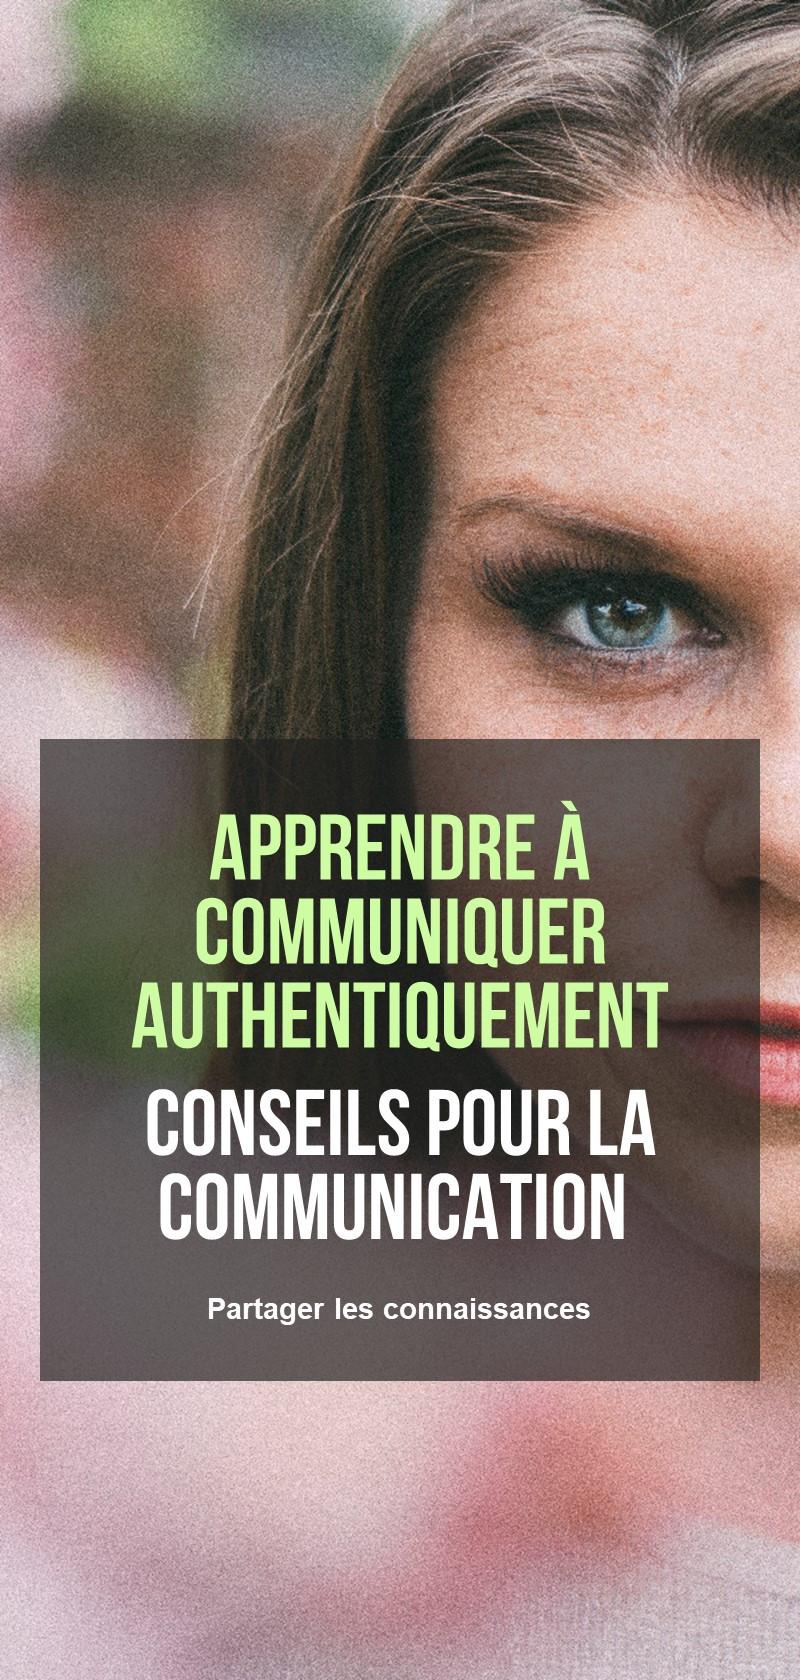 Conseils et techniques de communication efficaces